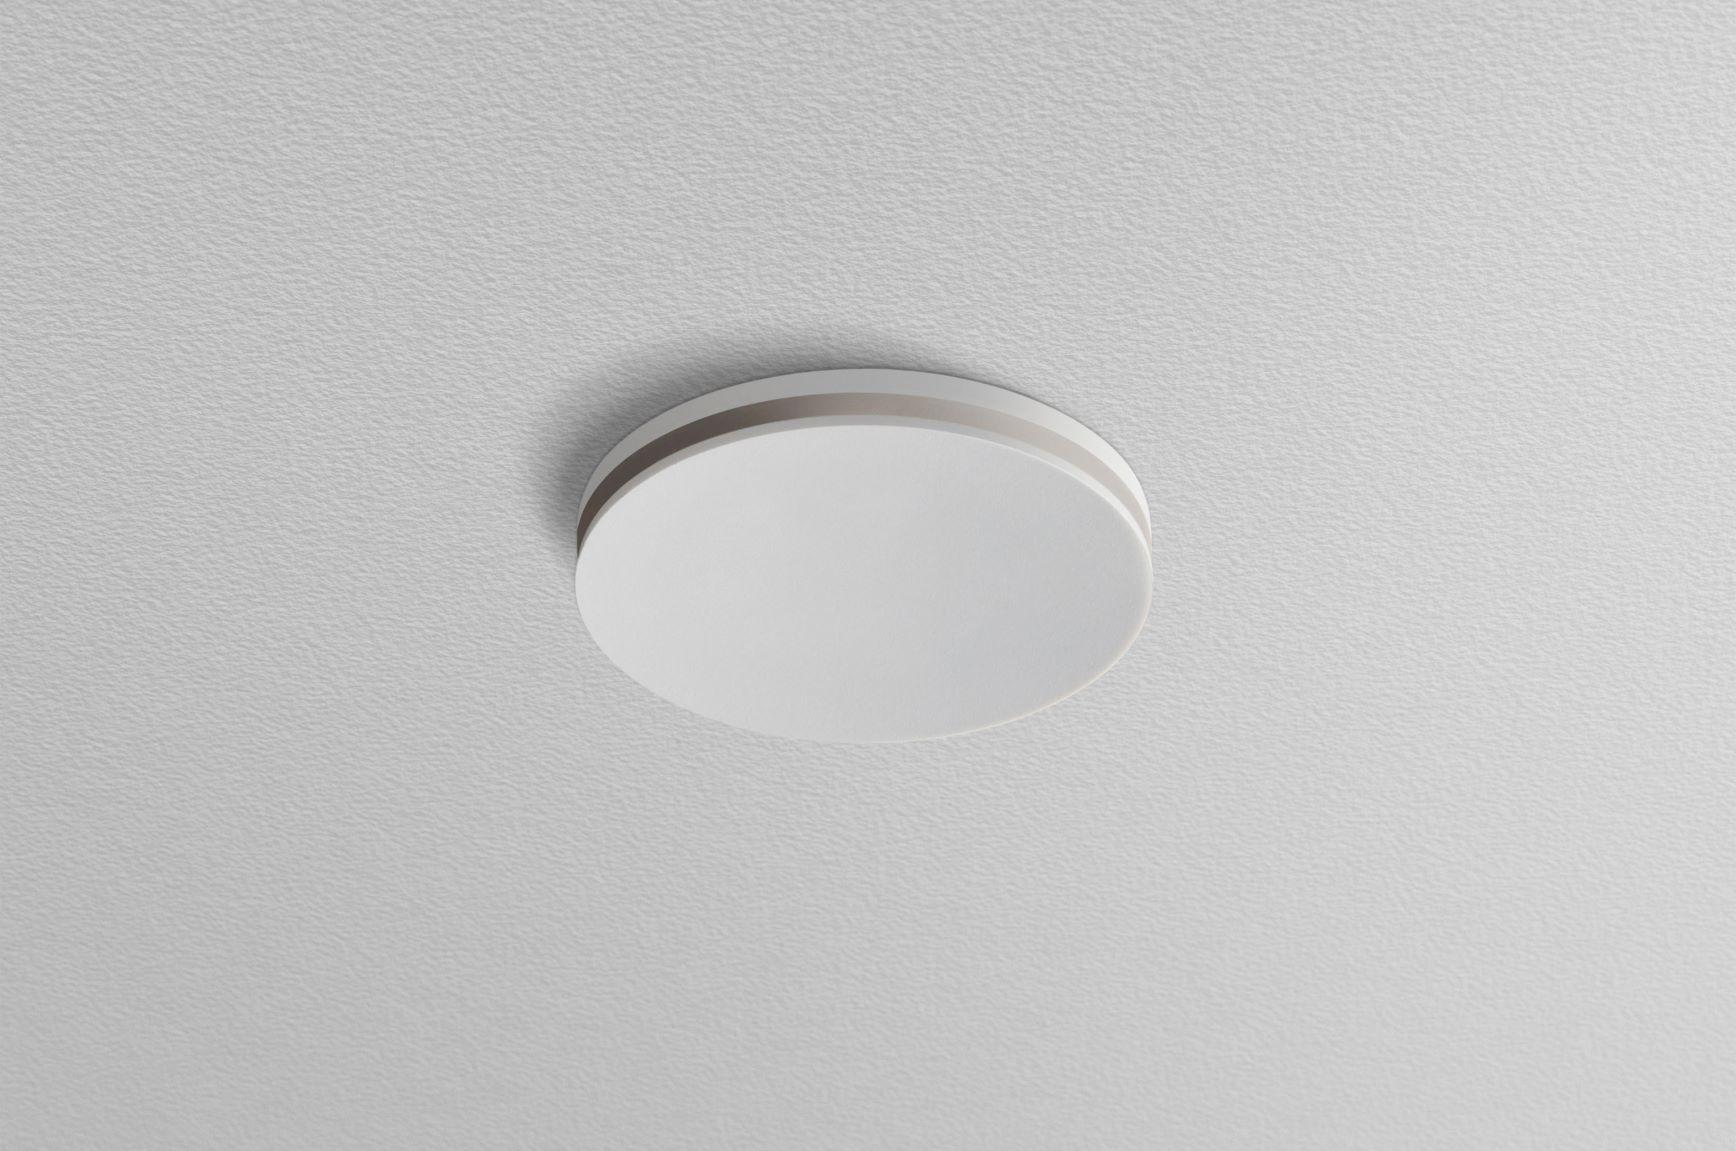 顶棚式温度传感器(圆形)